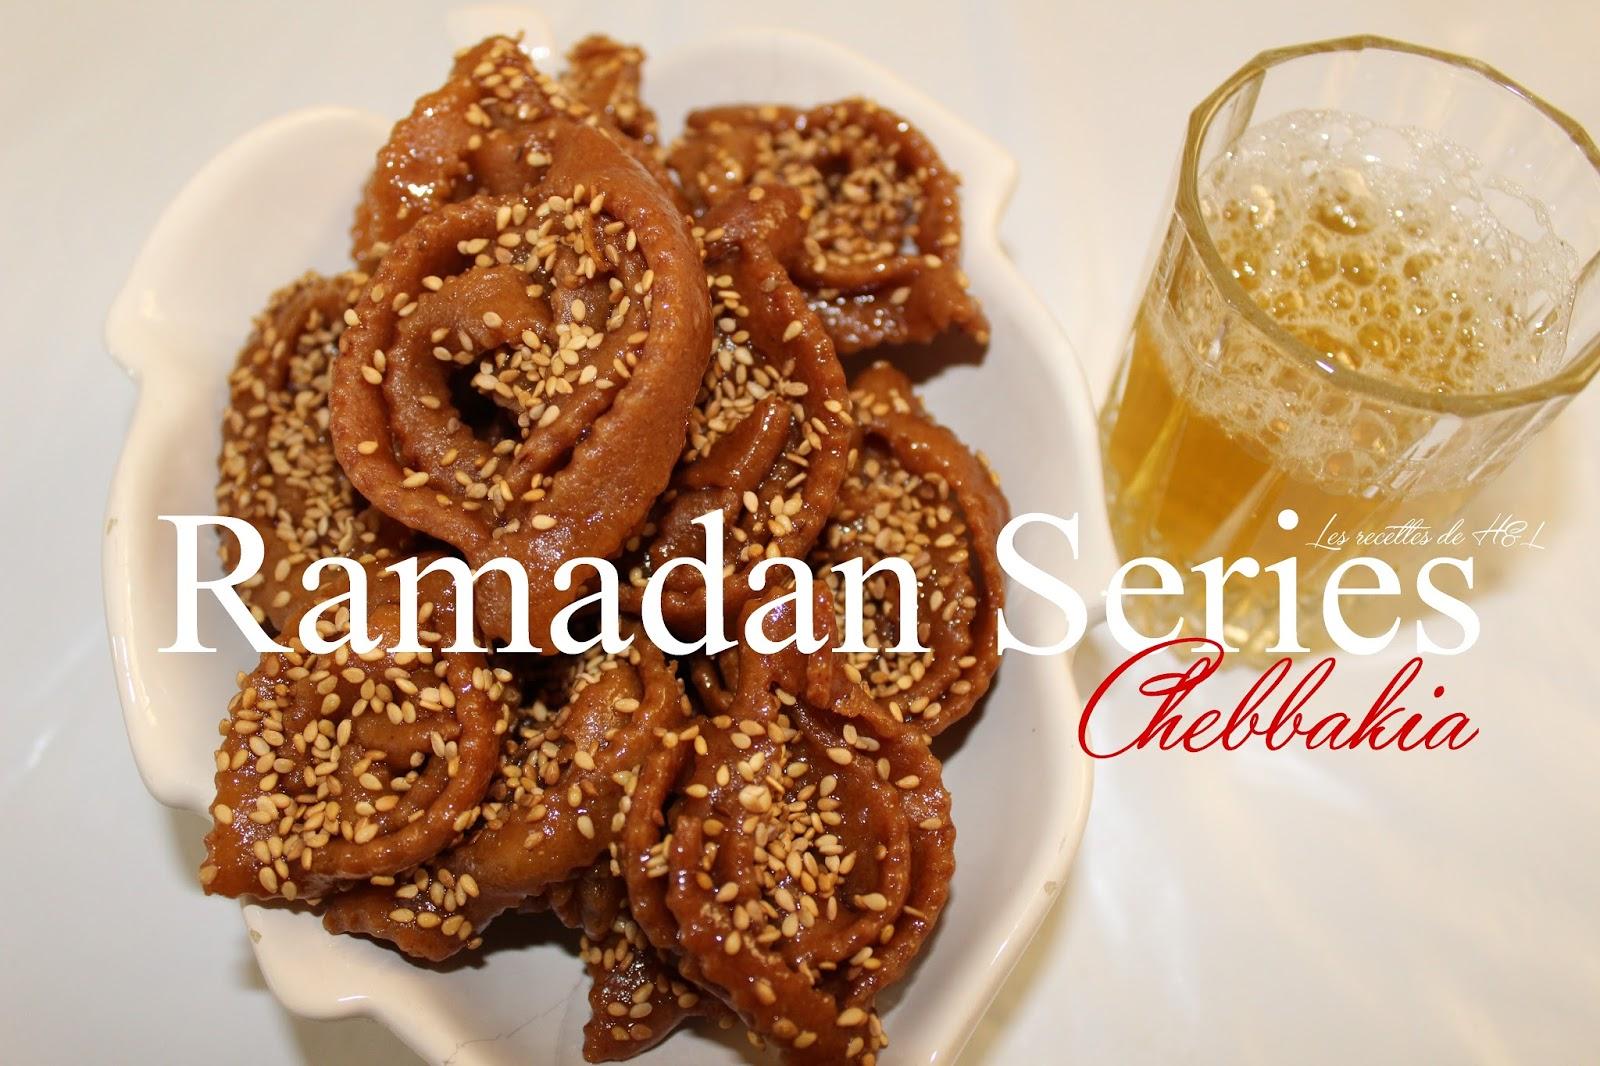 Recette marocaine  Chebbakia / Gâteau marocain au miel et sésame , Ramadan  series